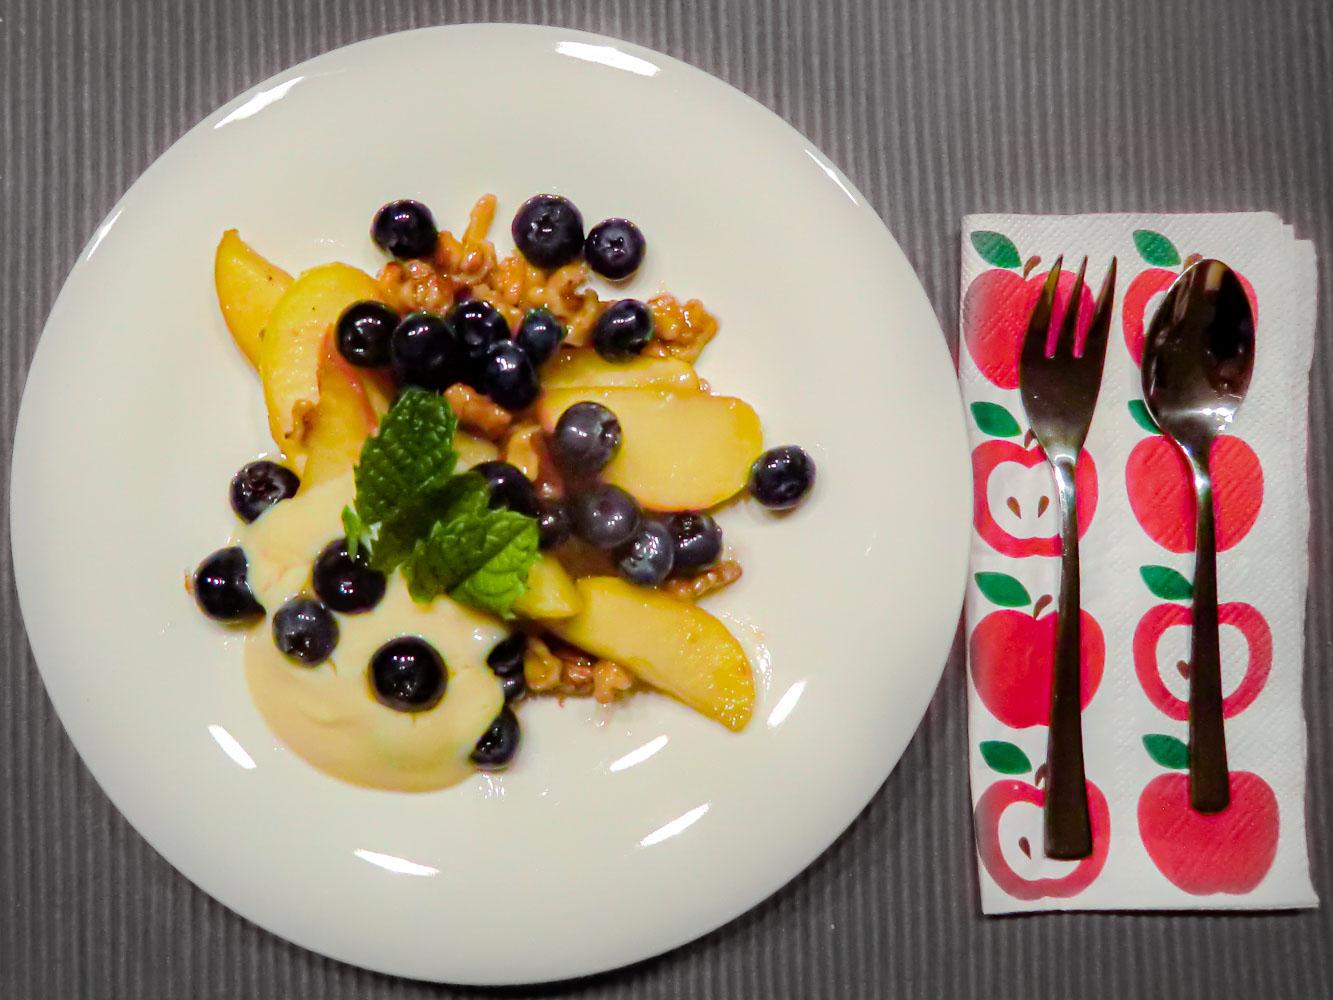 Gebratene Apfelspalten, karamellisierte Walnüsse und frische Blaubeeren auf Honigschmand 1